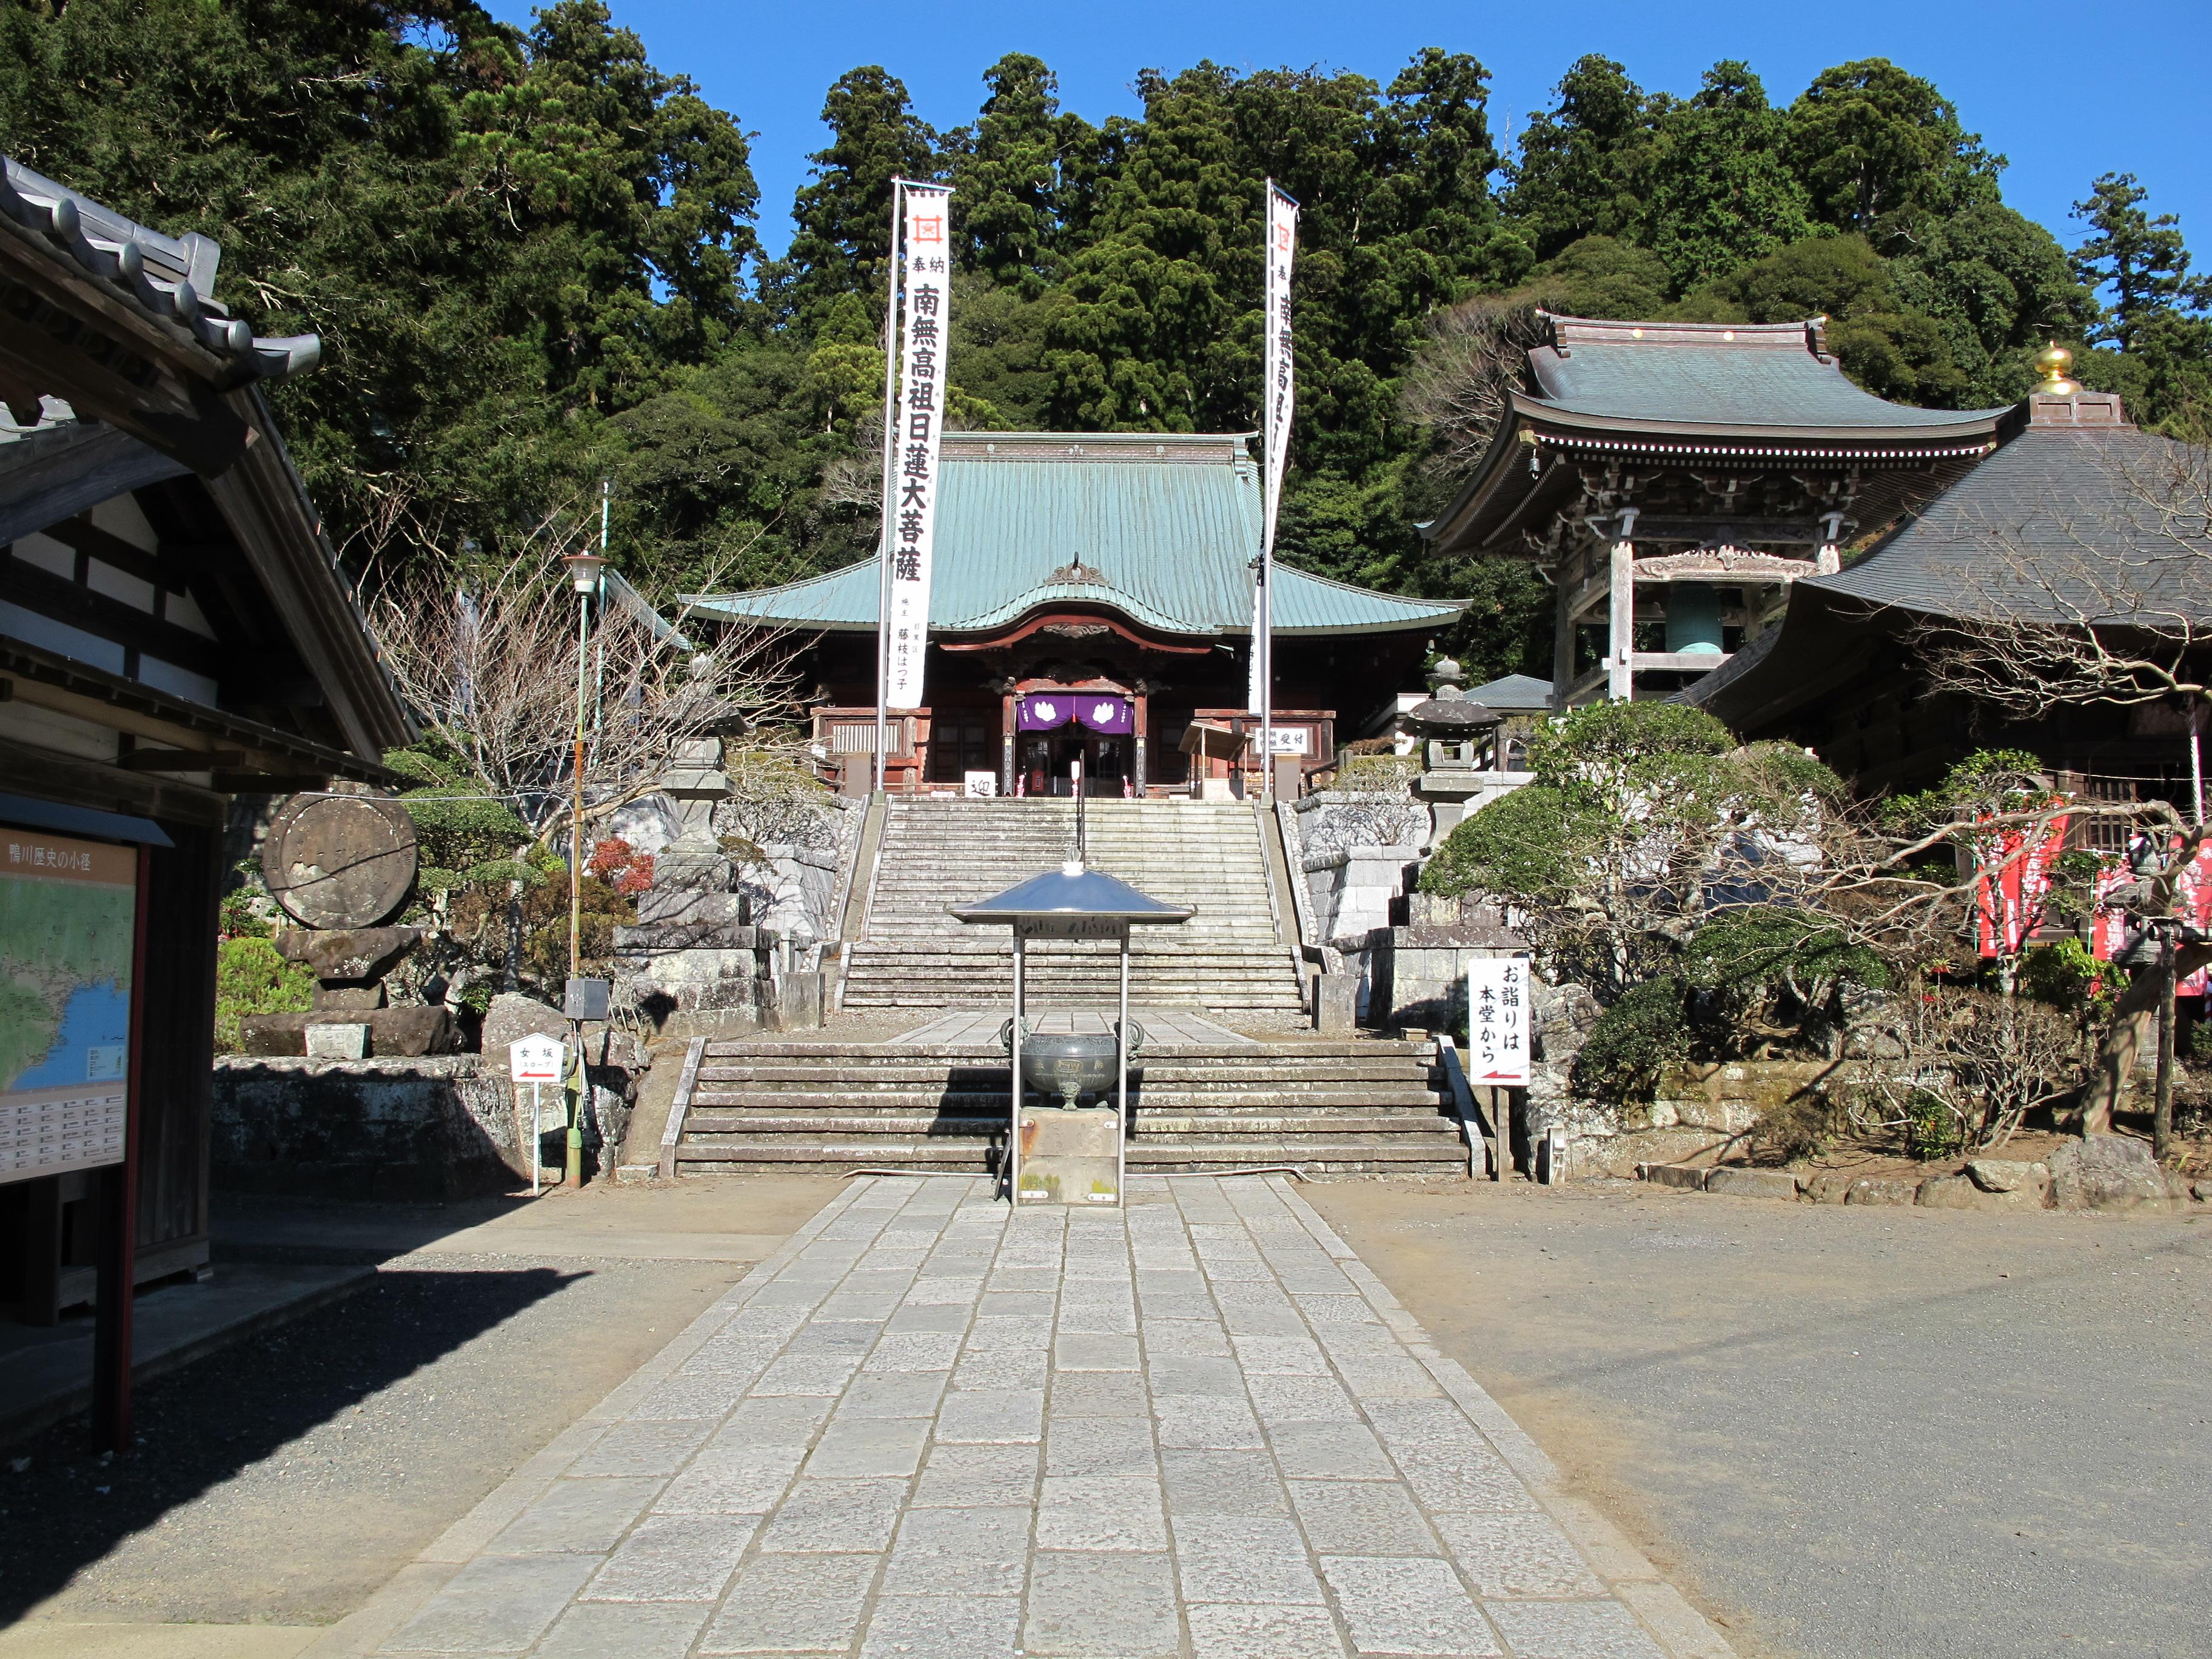 清澄寺 (鴨川市)